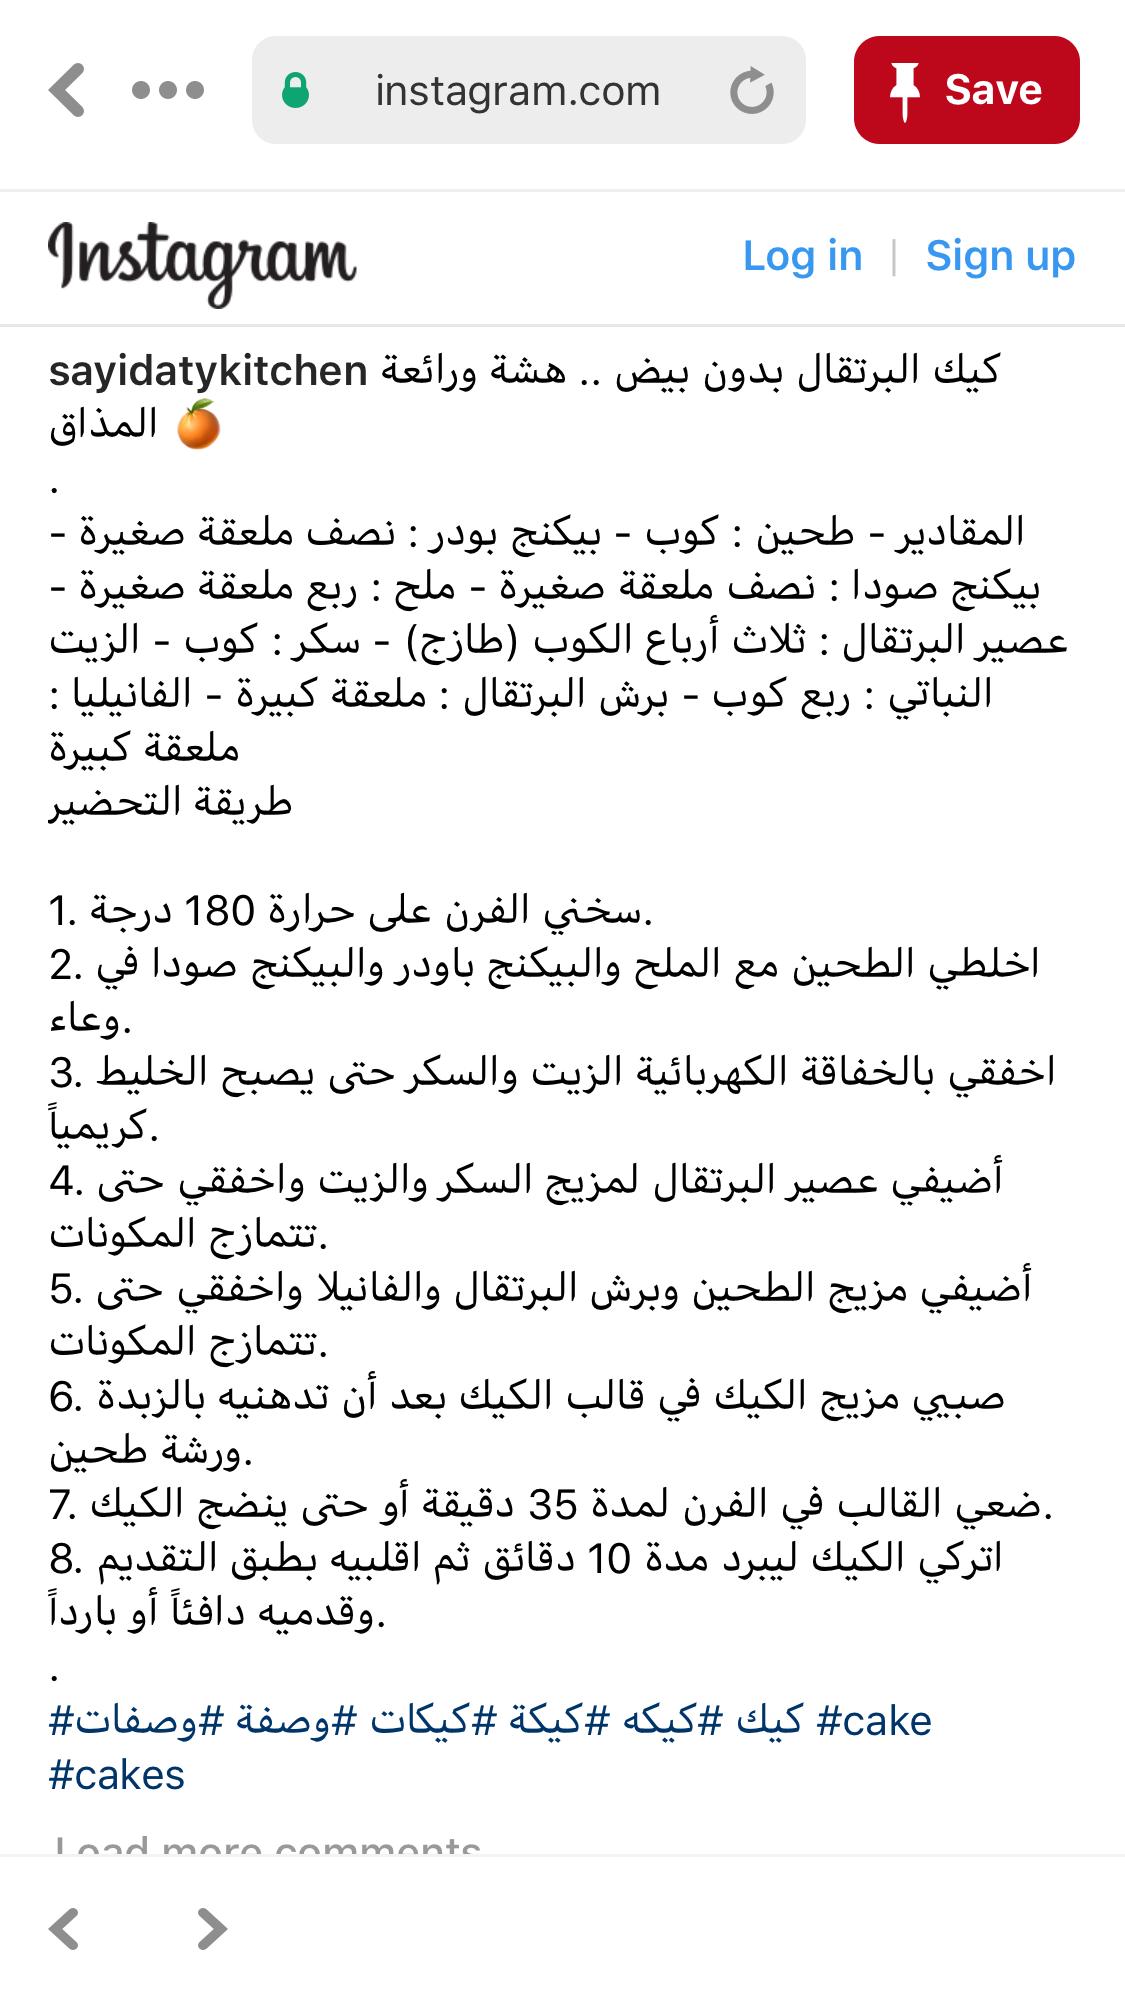 كيكة البرتقال بدون بيض Save From Instagram Instagram Sign Arabic Food